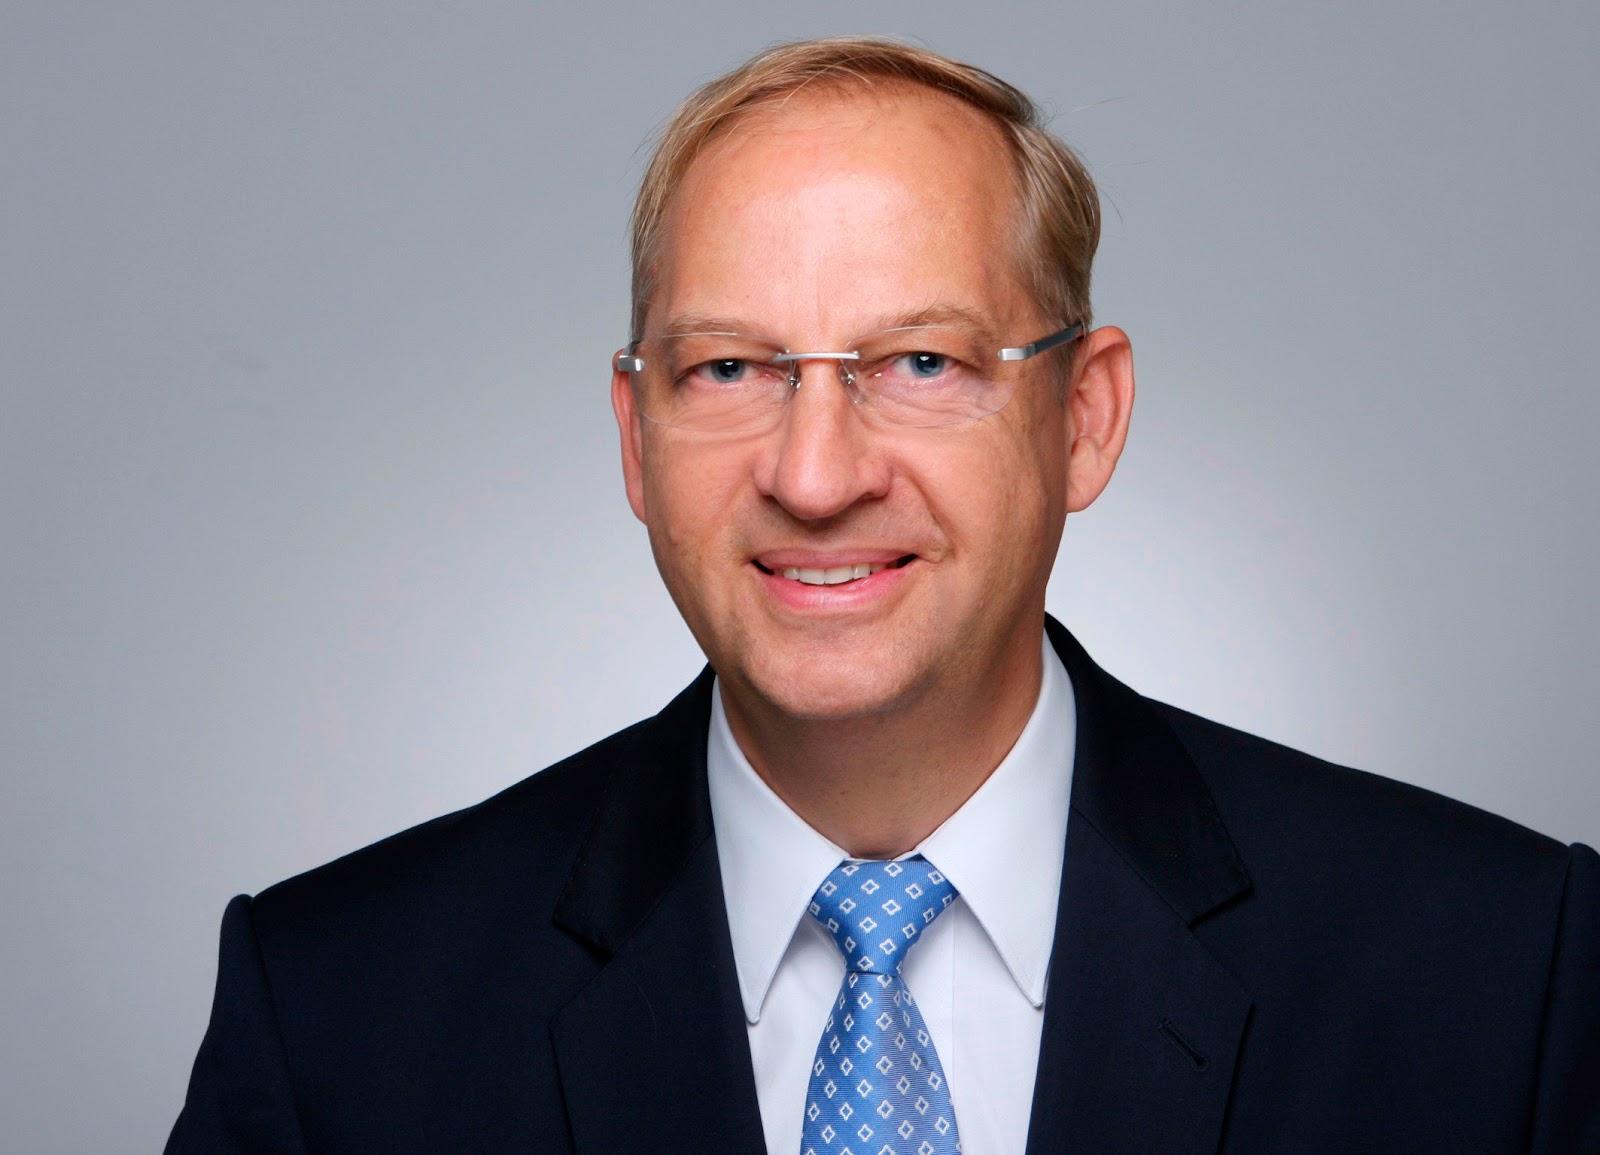 """""""A parceria com a Microsoft e outras empresas de tecnologia representa uma transformação fundamental que está longe de ser concluída"""", afirmou Dirk Hilgenberg, CEO da Car.Software Organization. (Fonte: Volkswagen/Divulgação)"""